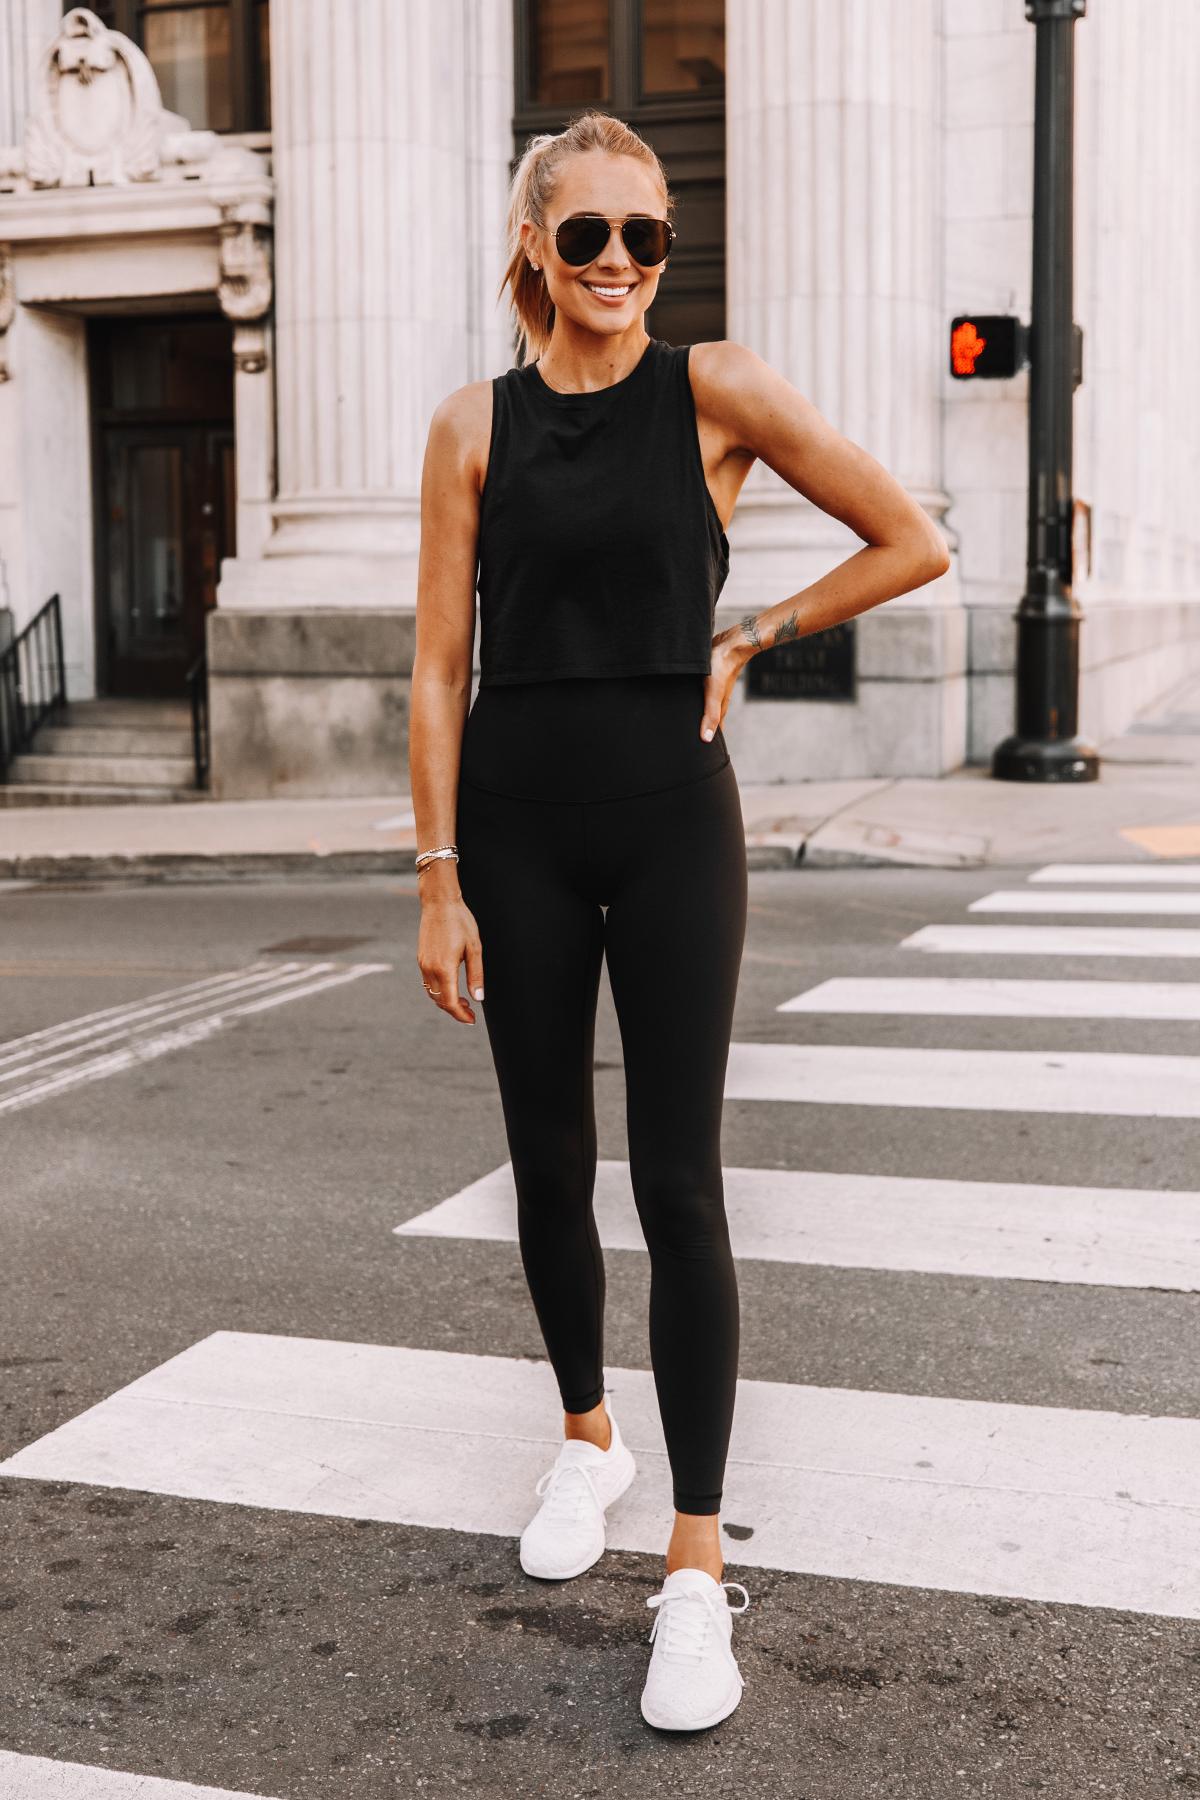 Fashion Jackson Wearing lululemon Black Tank Black Leggings White Sneakers 3